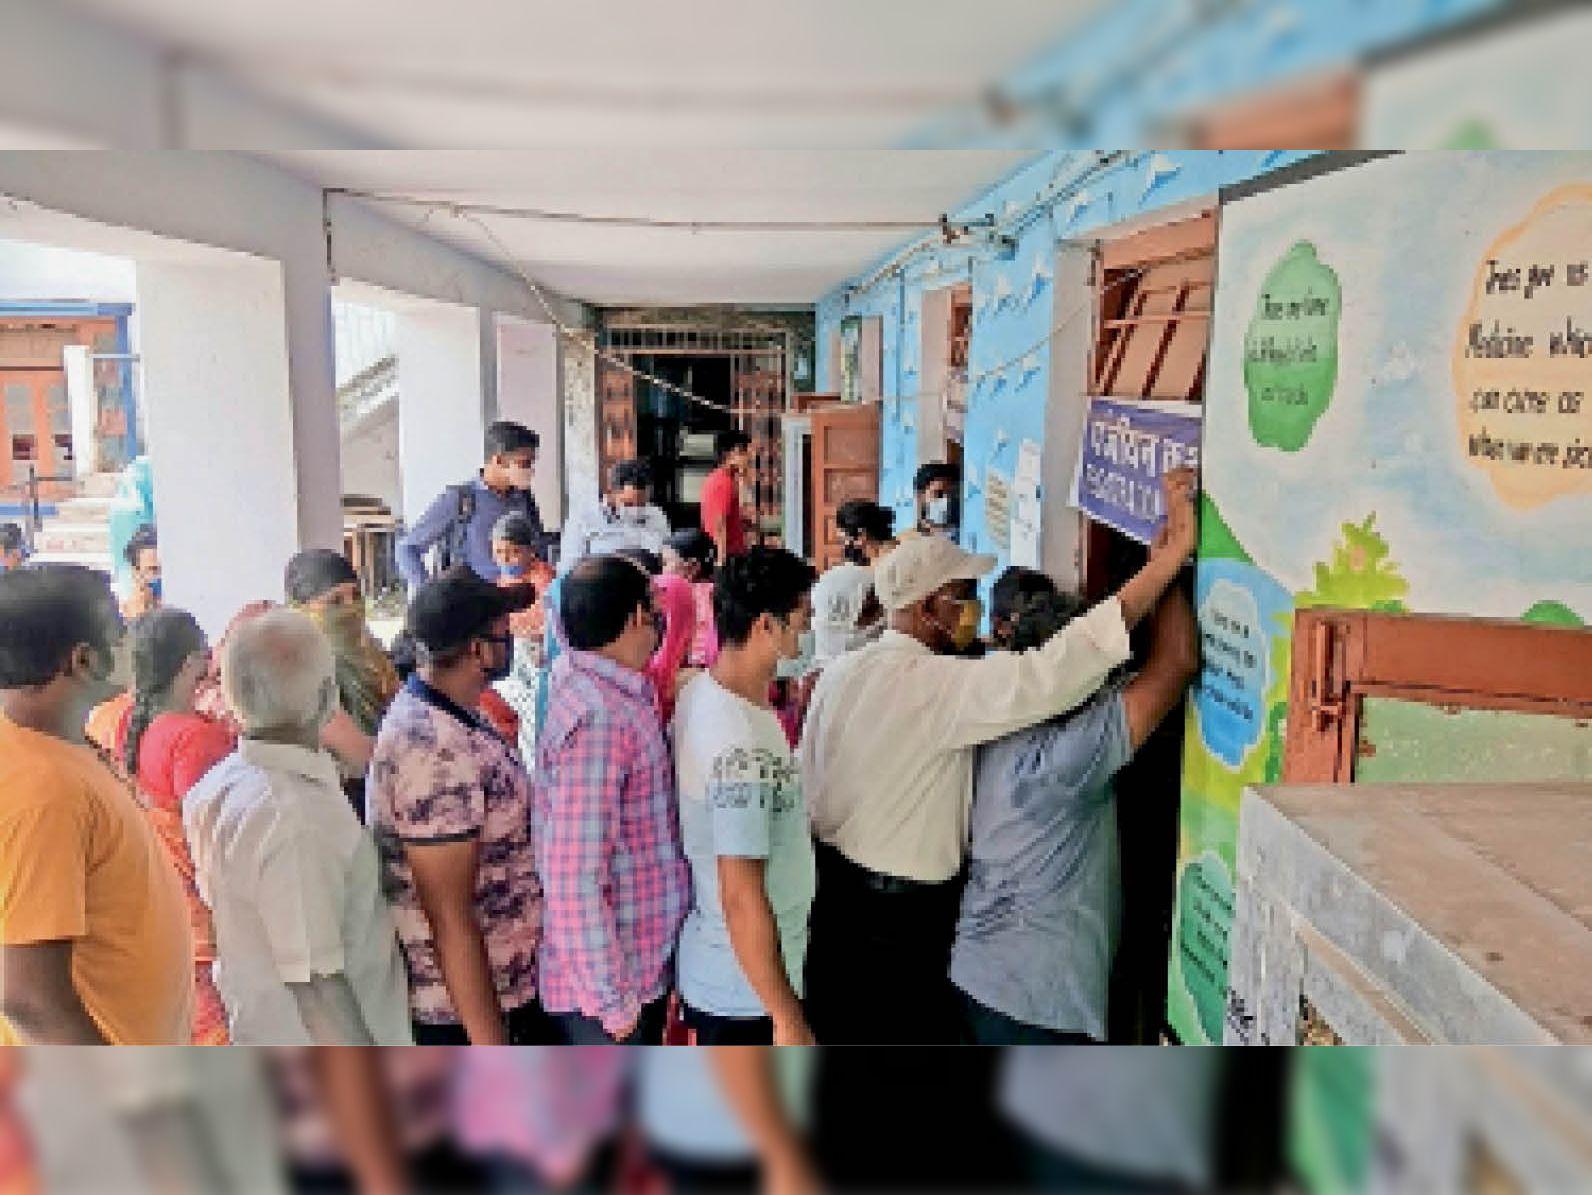 कन्या स्कूल में टीका लगवाने के लिए लोग सटकर खड़े रहे। पंजीयन में भी भीड़ रही। - Dainik Bhaskar